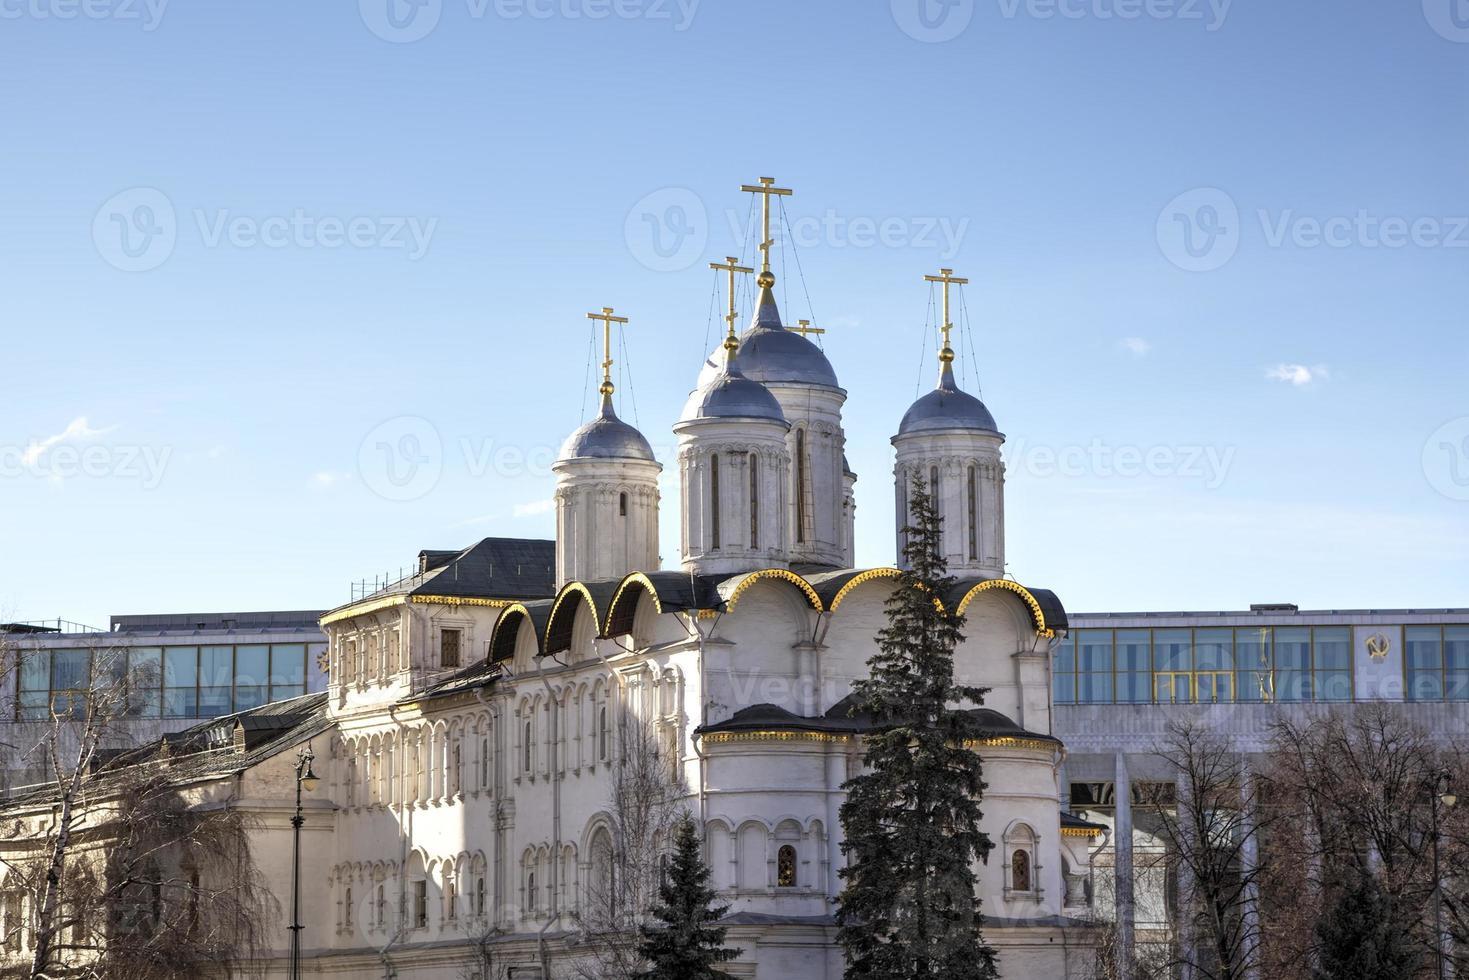 patriarkpalatset och de tolv apostlarna. Moskva Kreml, Ryssland foto